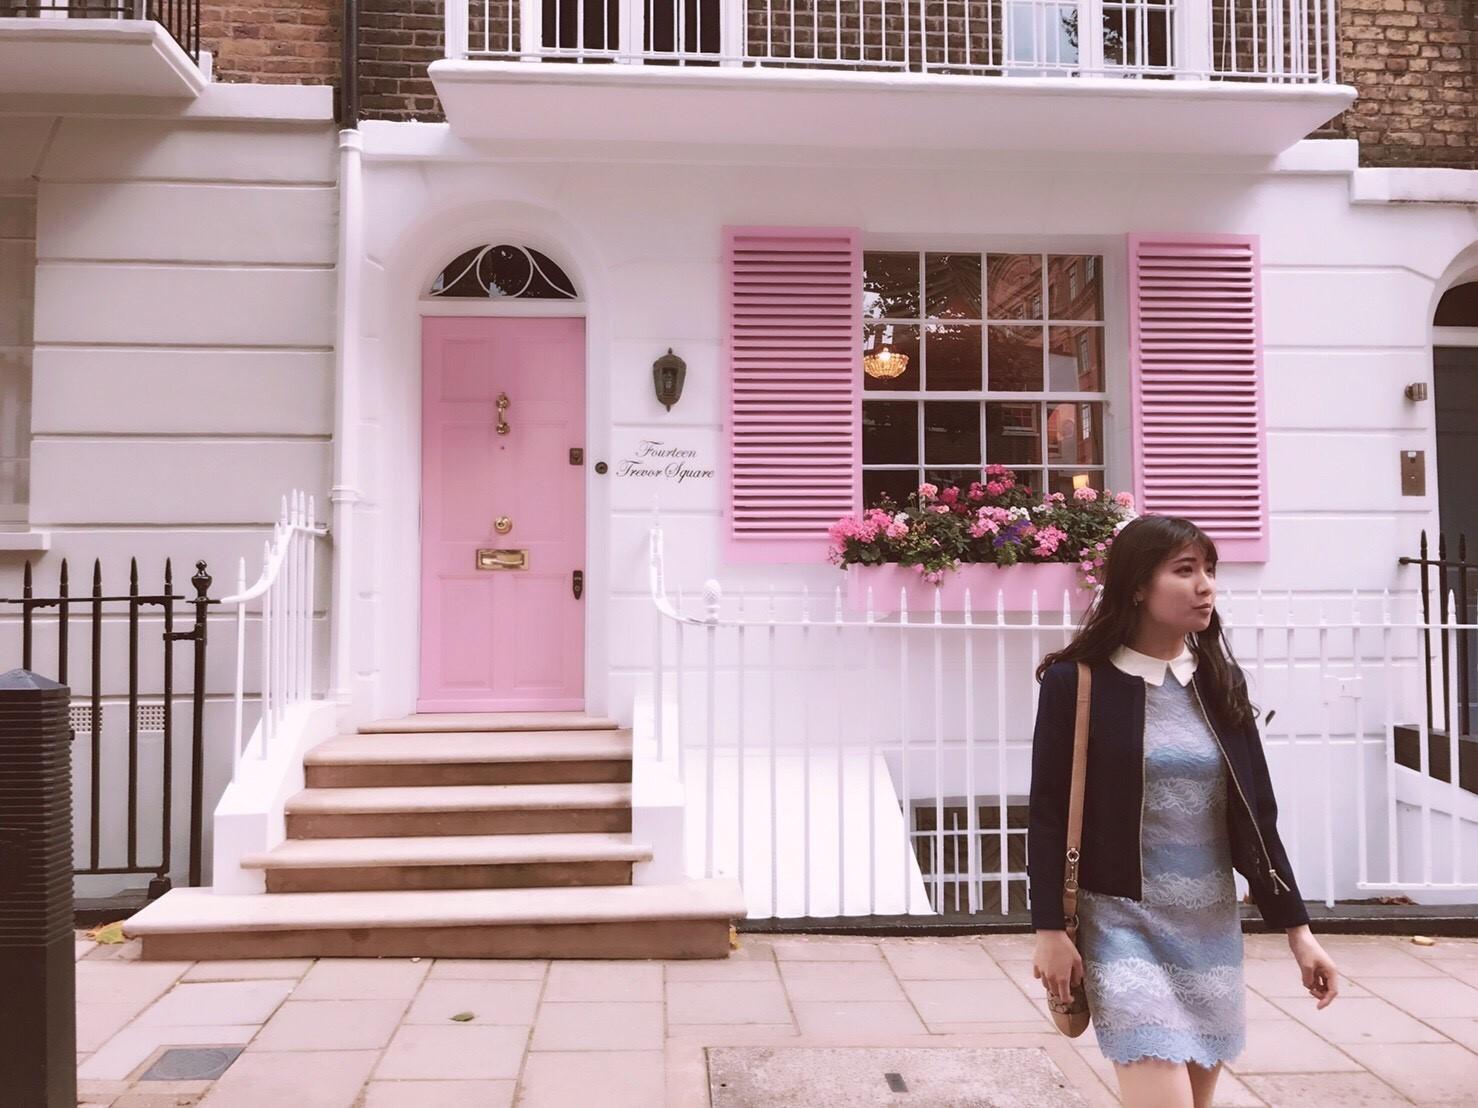 【ロンドン】でインスタグラム写真を撮ろう!_1_3